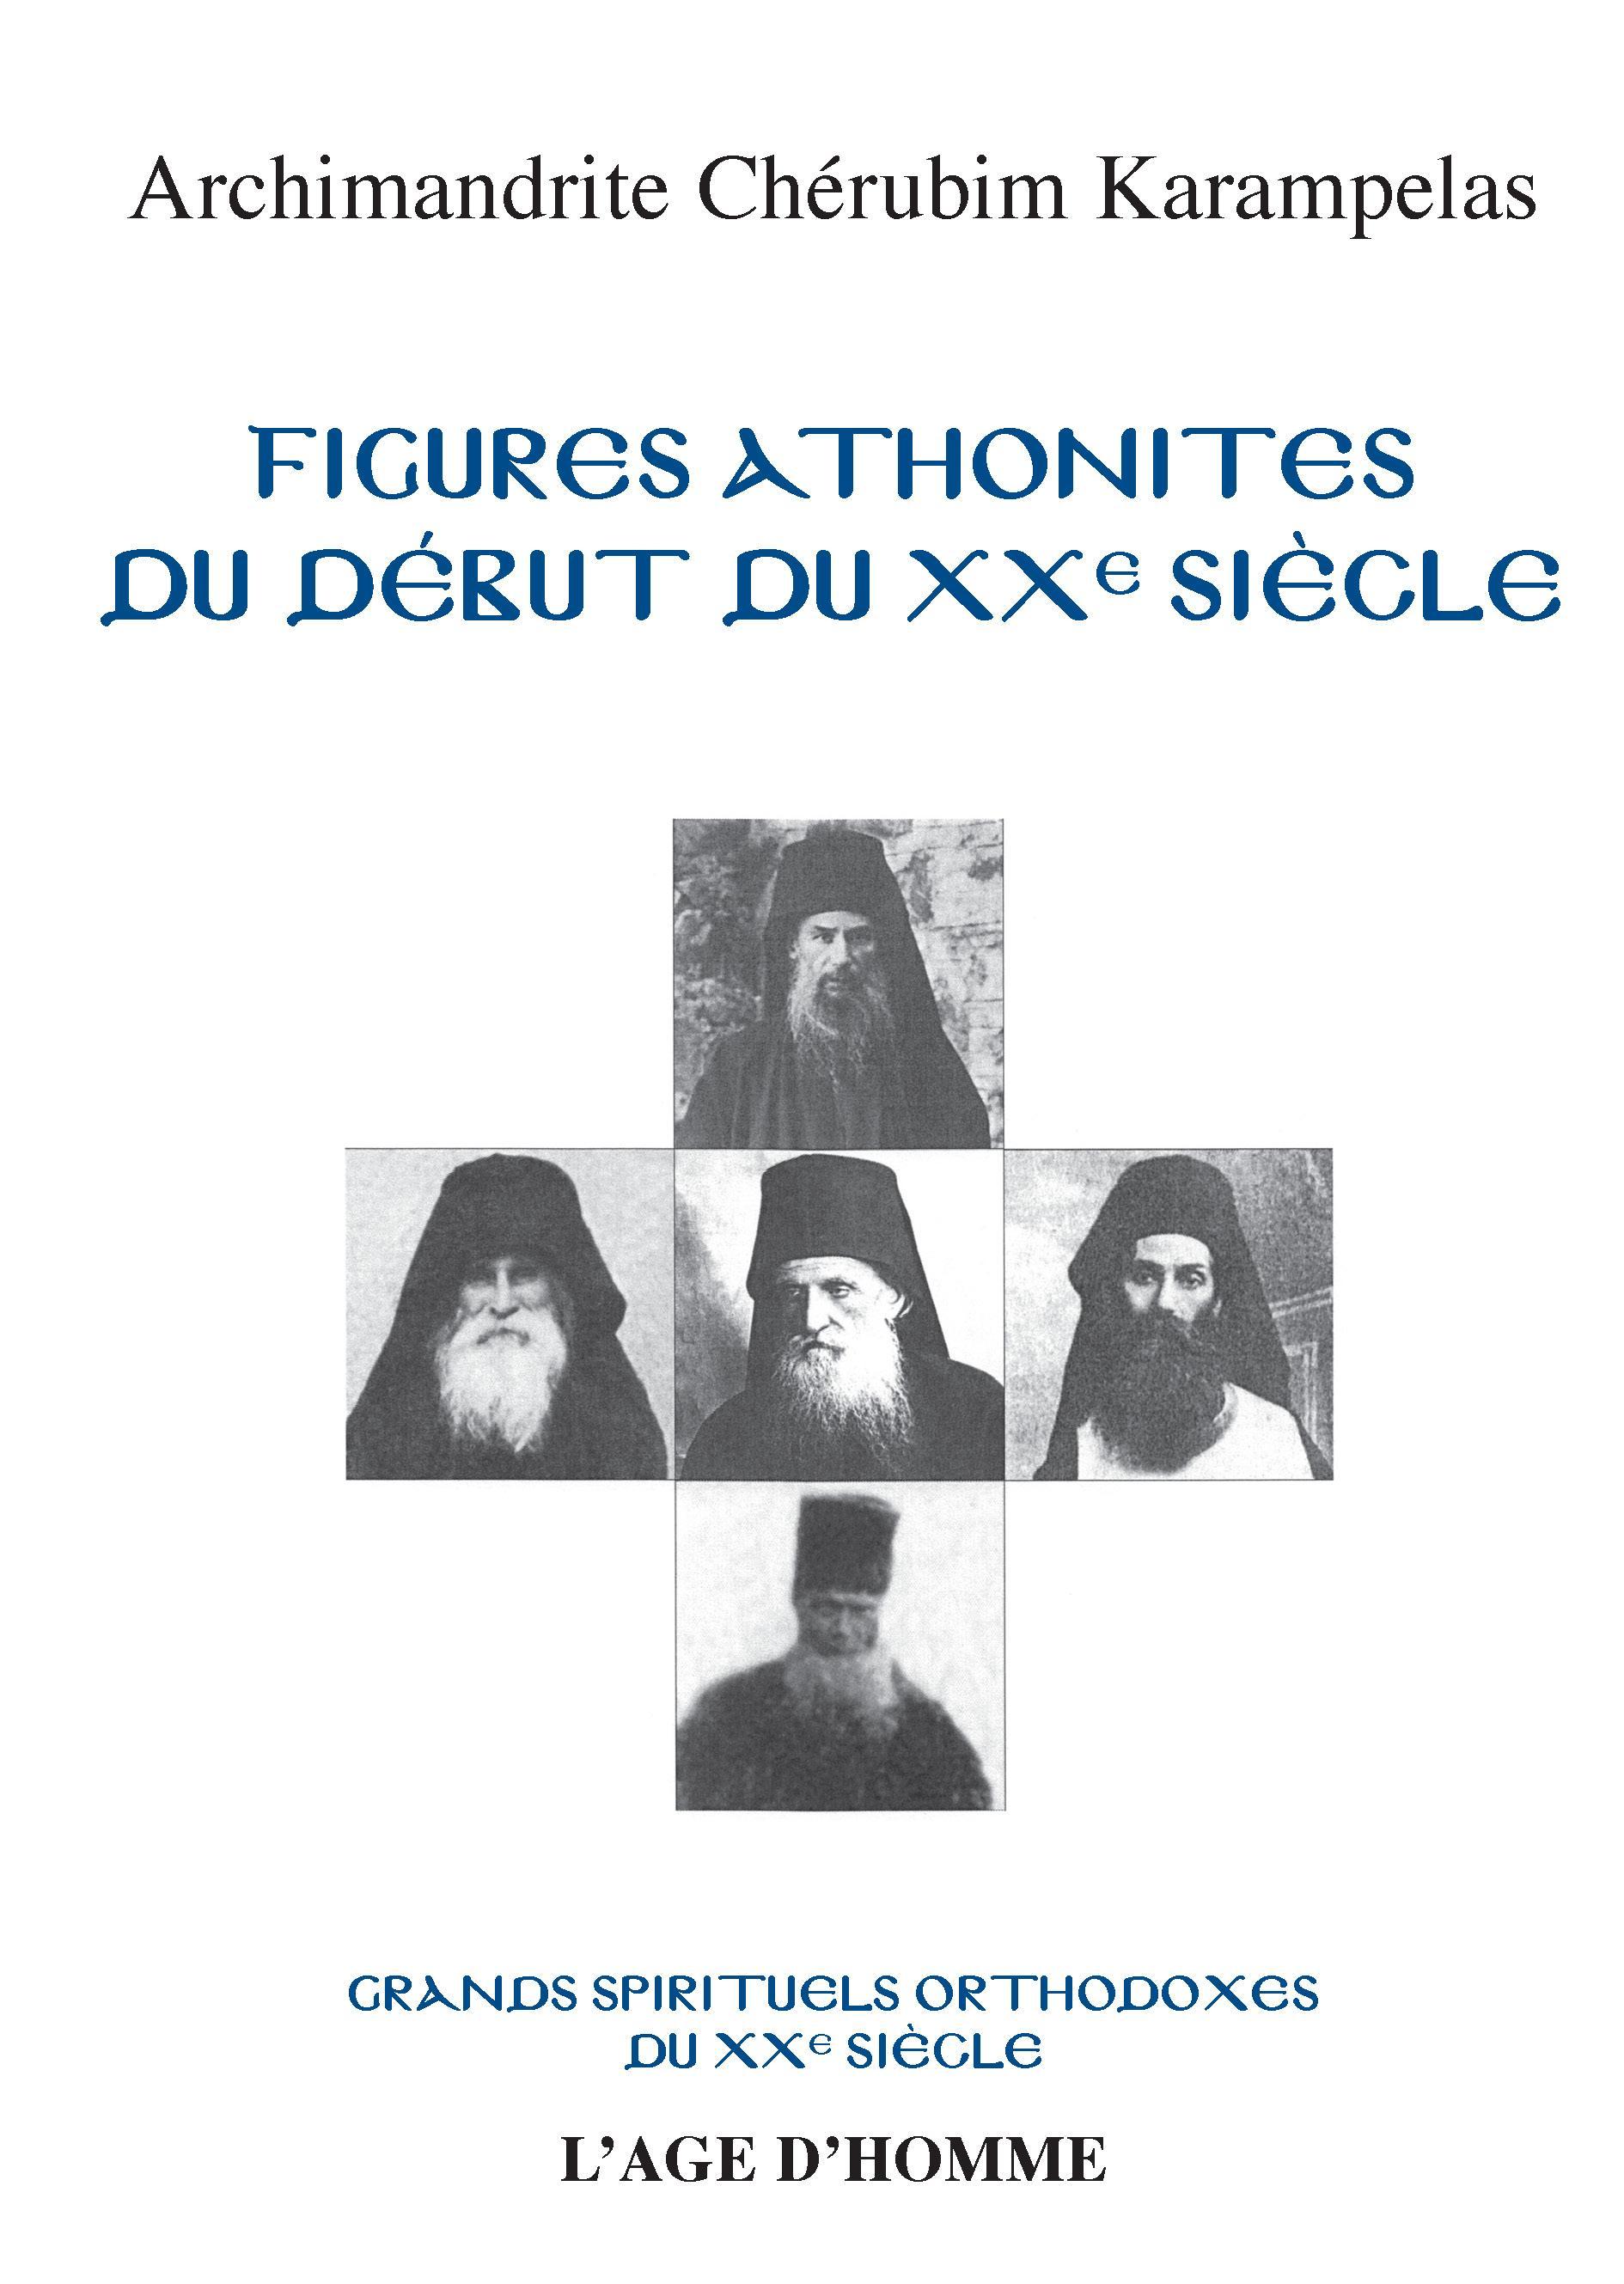 Chérubim (archimandrite) Karampelas - Figures athonites du début du XXe siècle